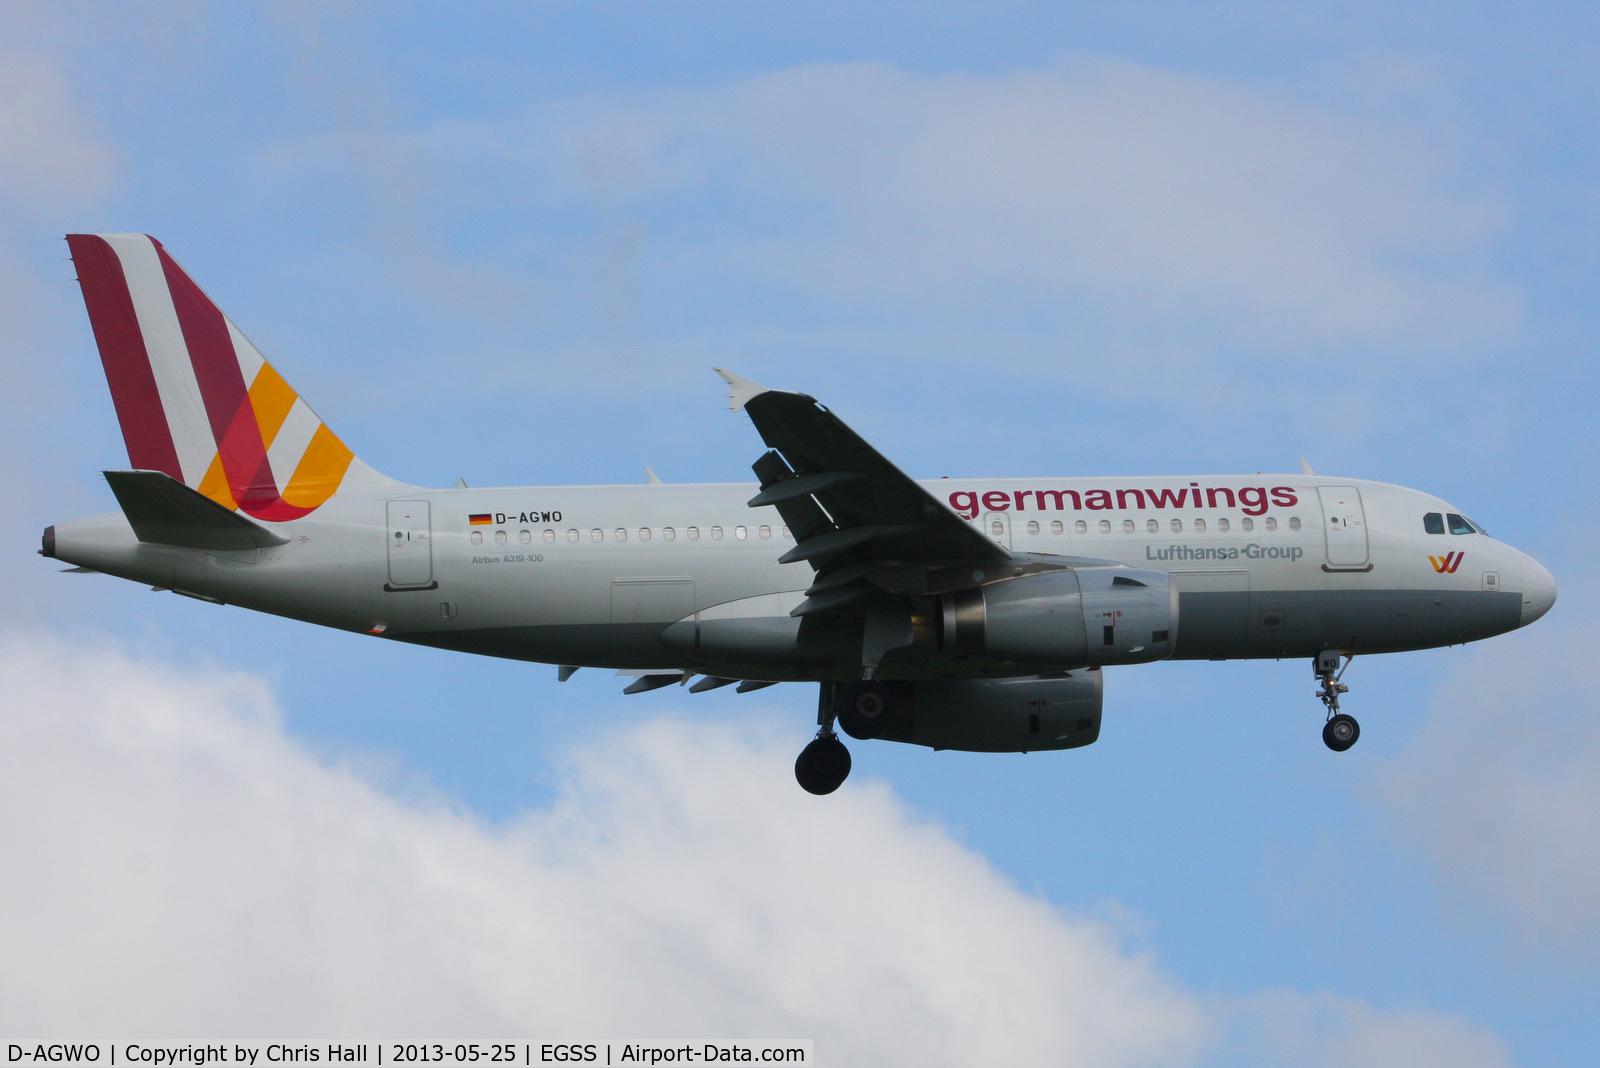 D-AGWO, 2009 Airbus A319-132 C/N 4166, Germanwings